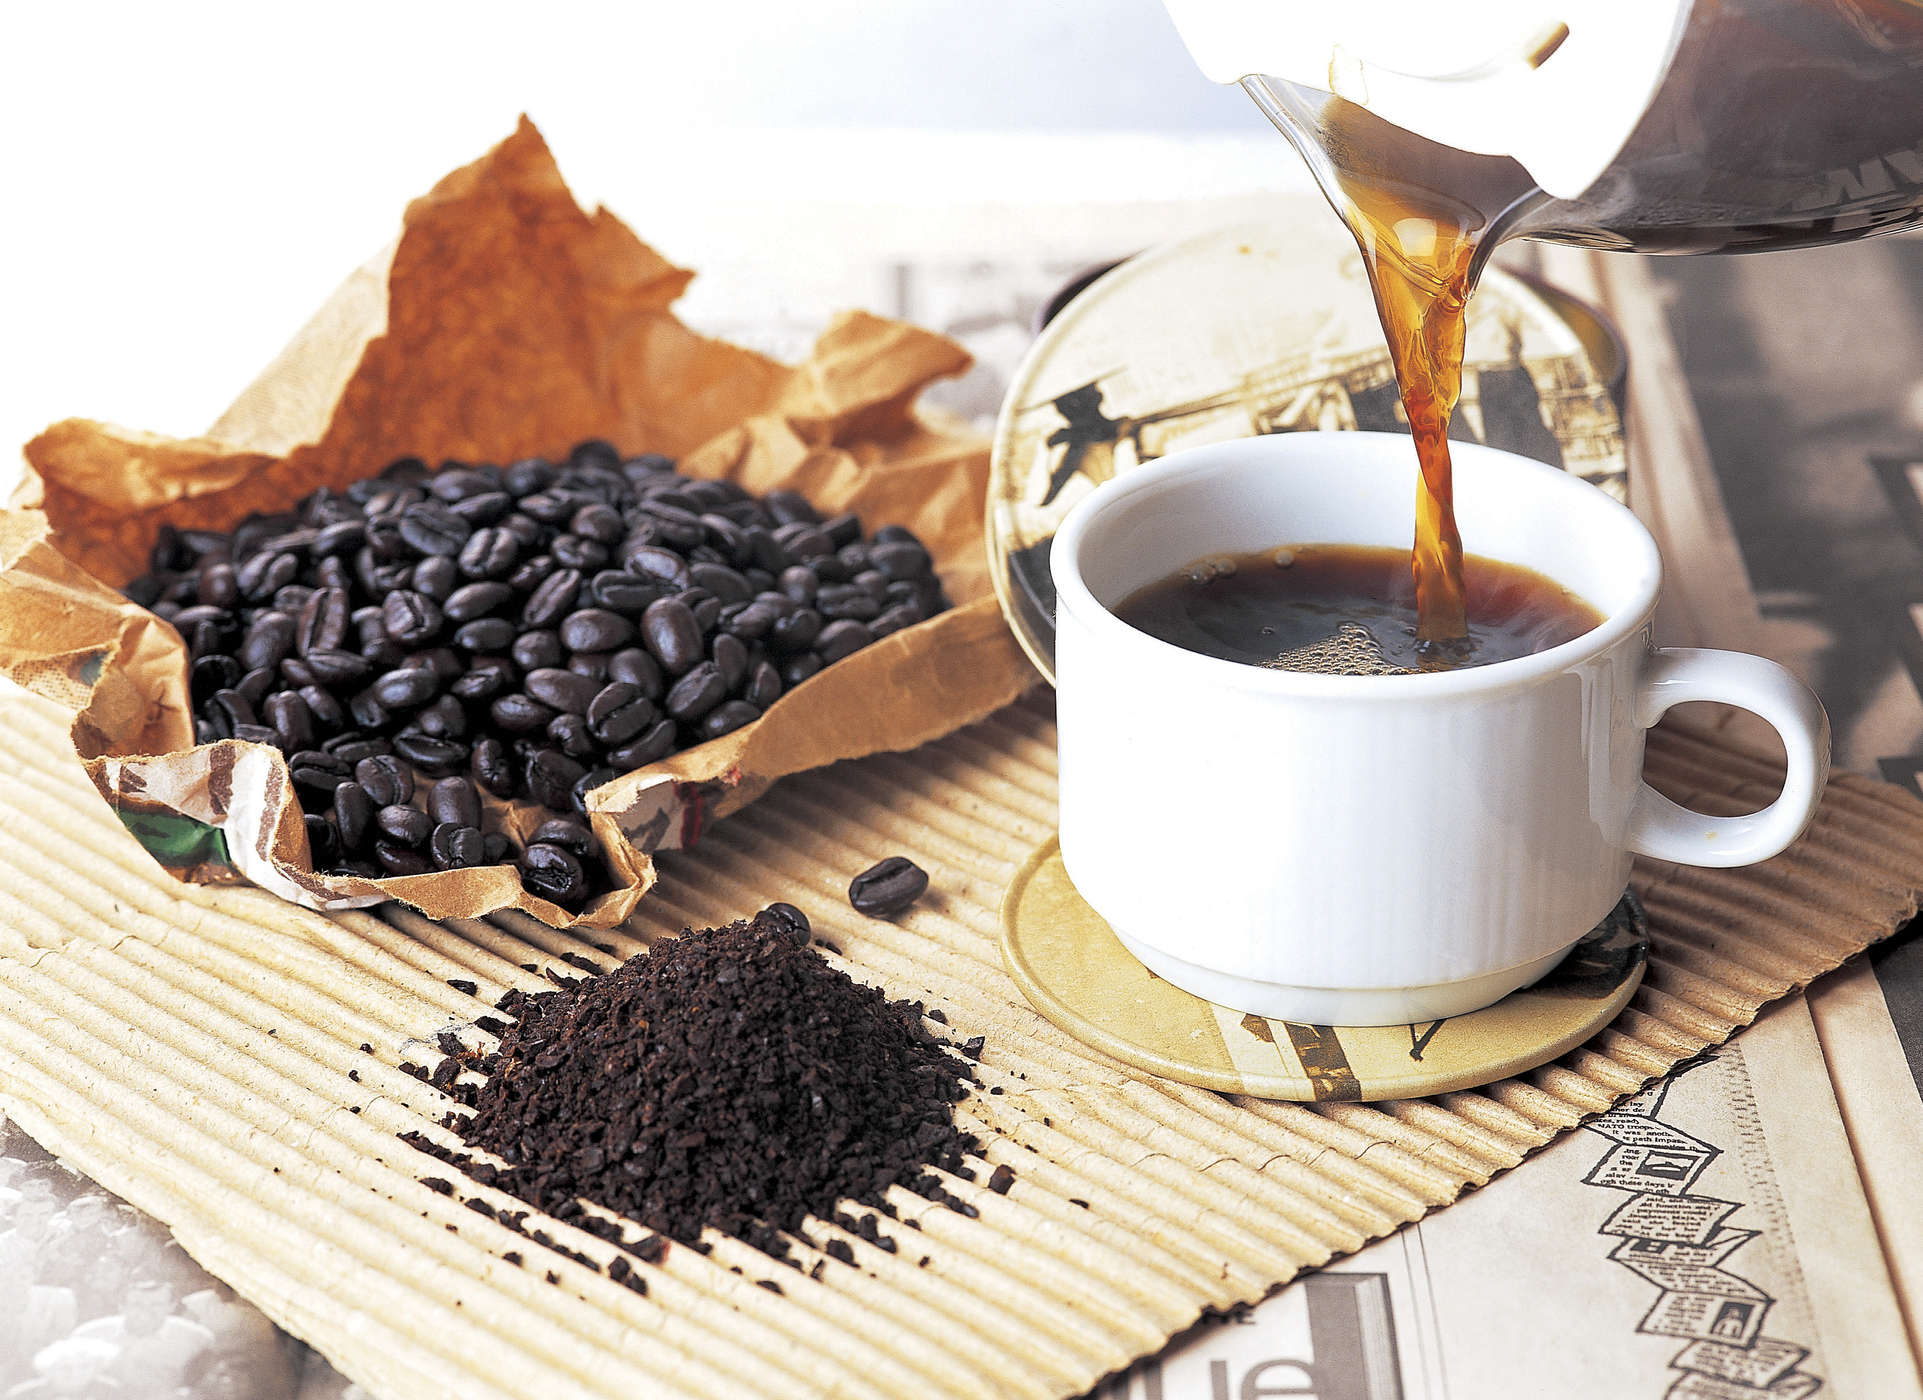 Cà phê nguyên chất chuẩn vị và tốt cho sức khỏe.